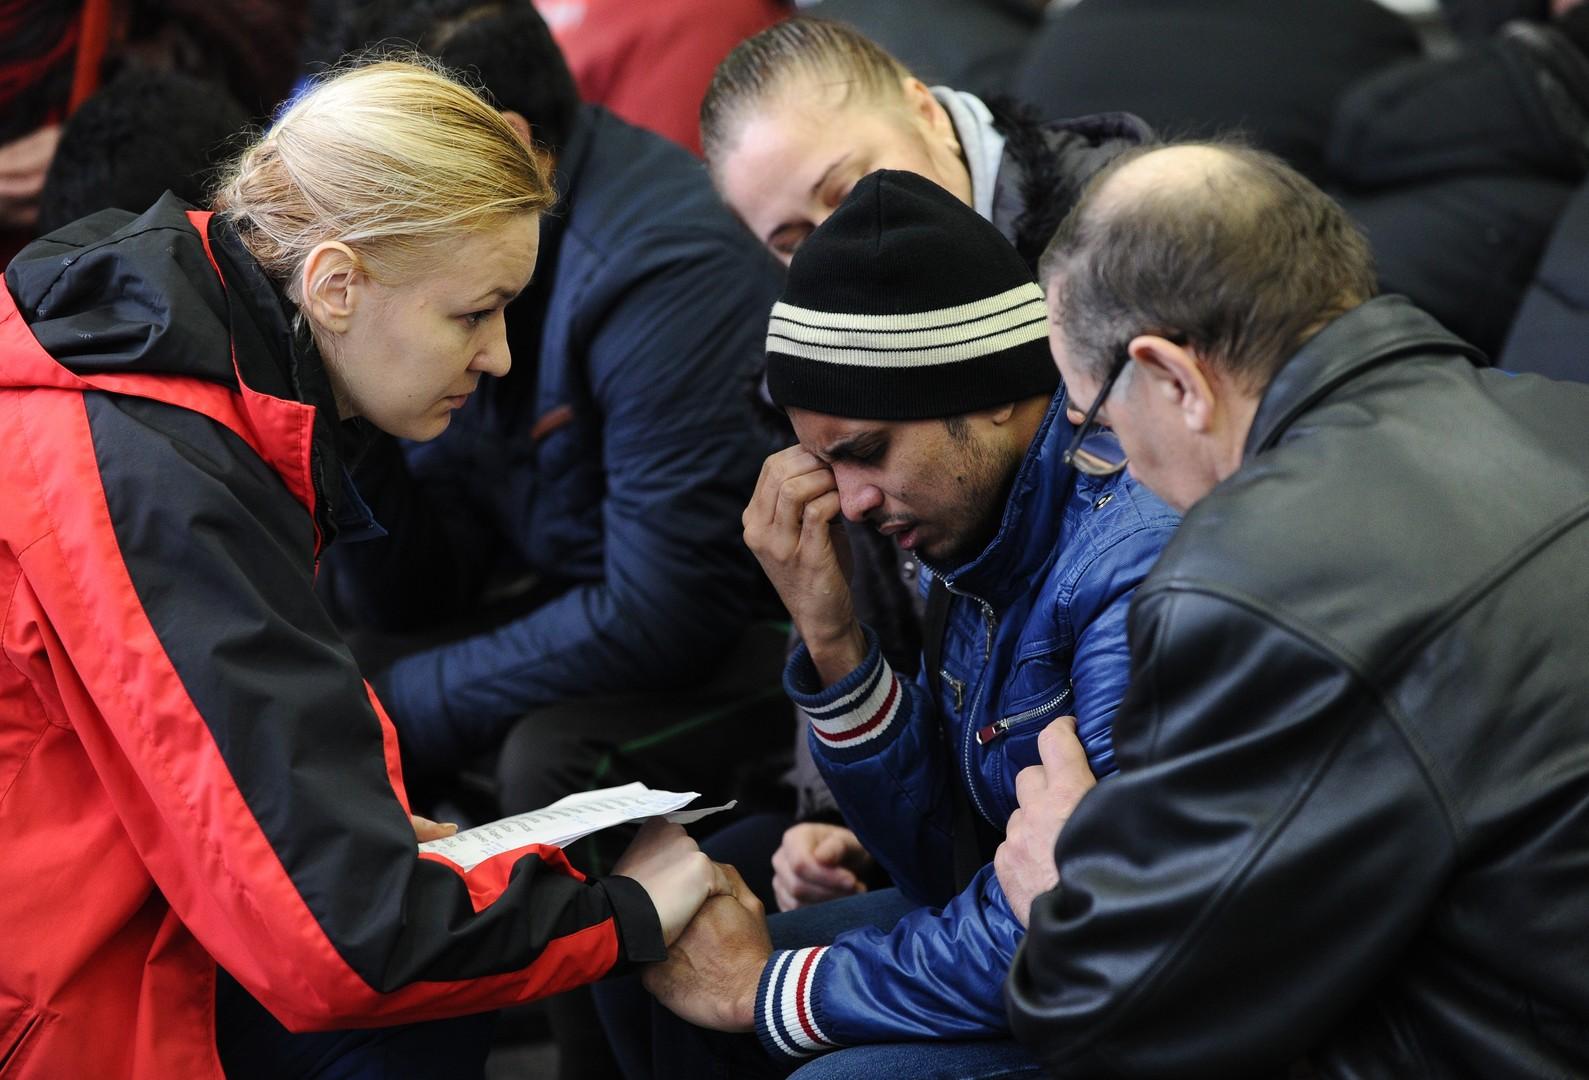 Proches des passagers de l'avion qui s'est écrasé